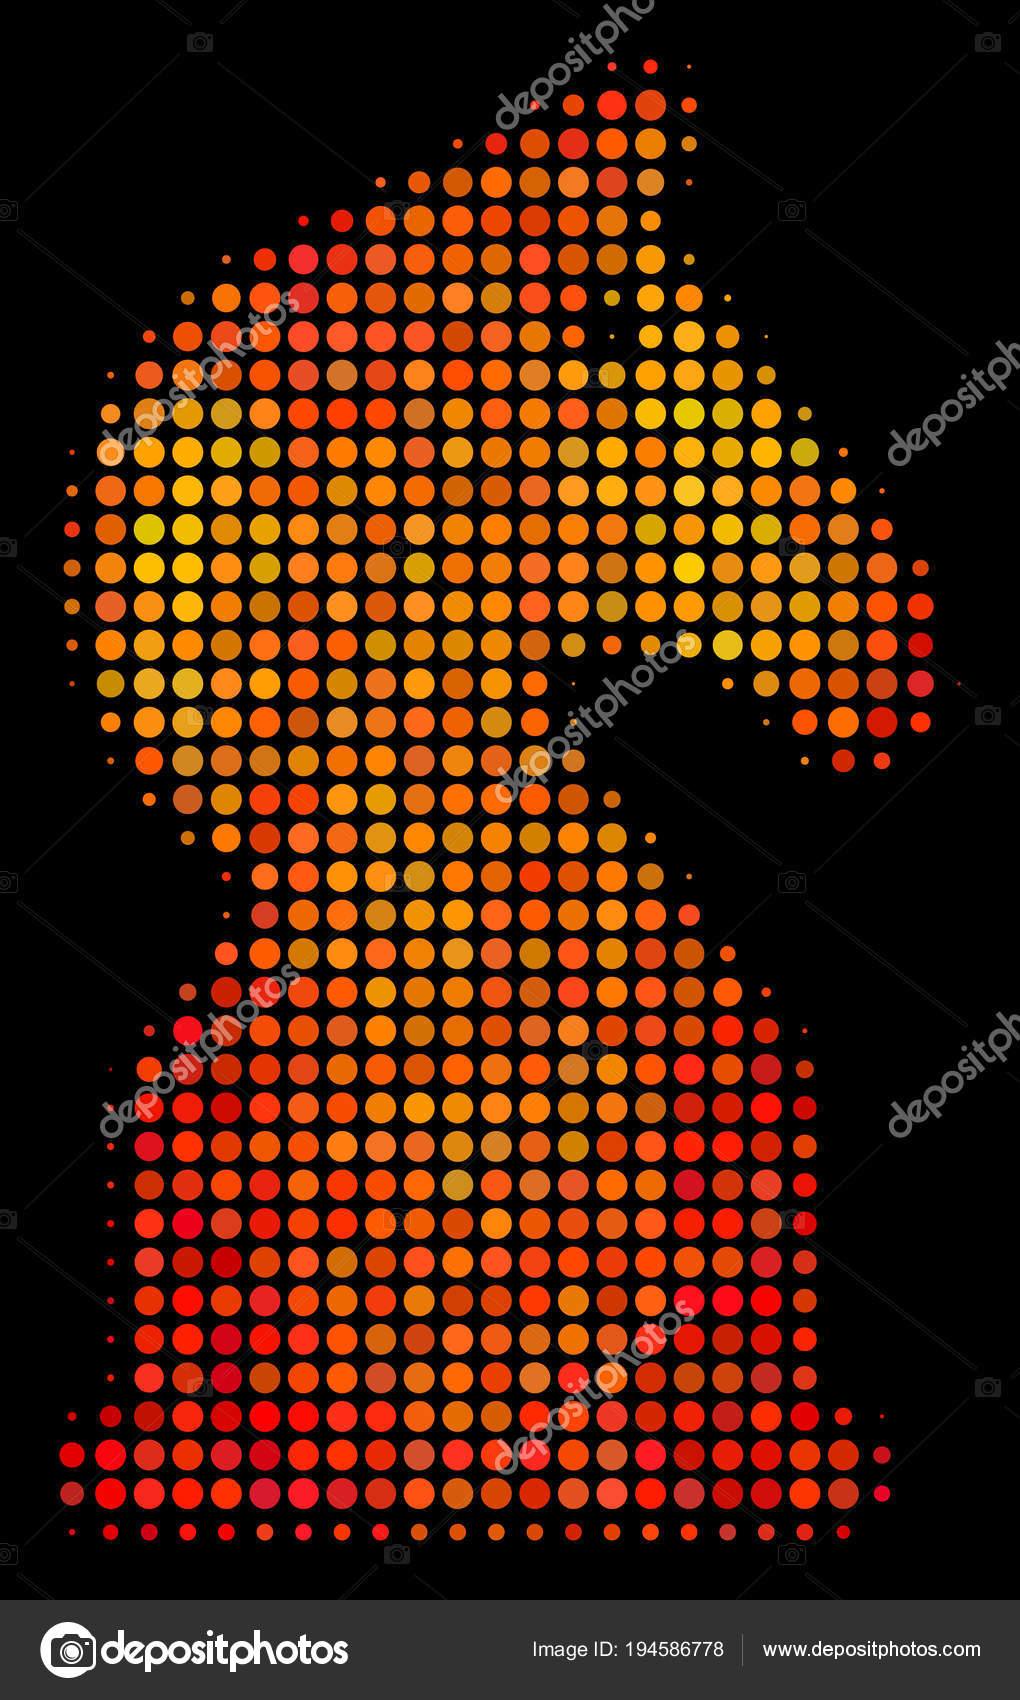 Icône De Cheval Déchecs Pixel Brillant Image Vectorielle